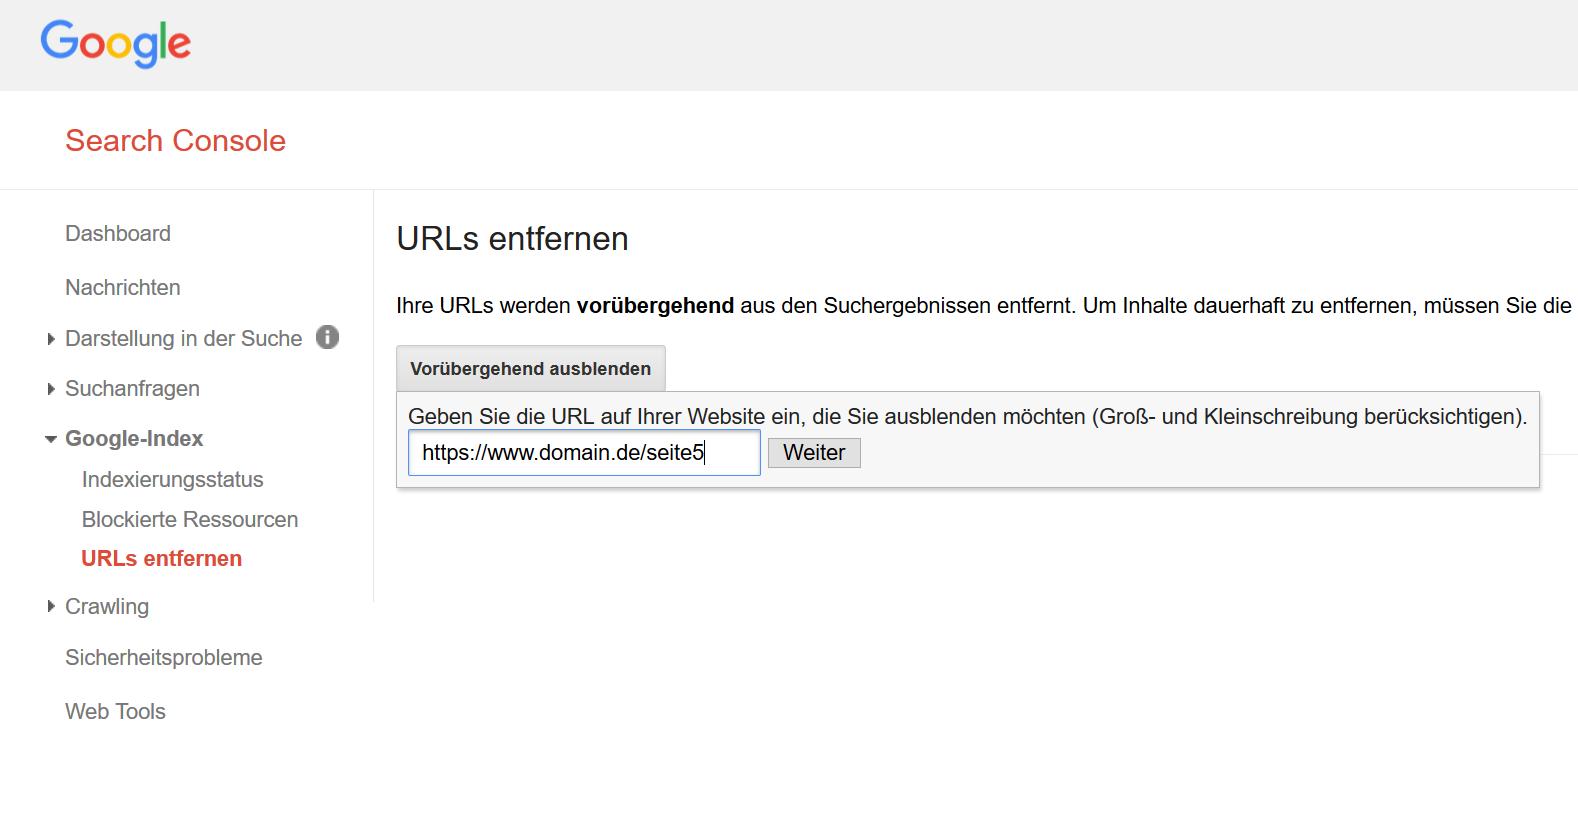 """Eingabe einer URL im """"URLs entfernen"""" Tool innerhalb der Google Search Console."""